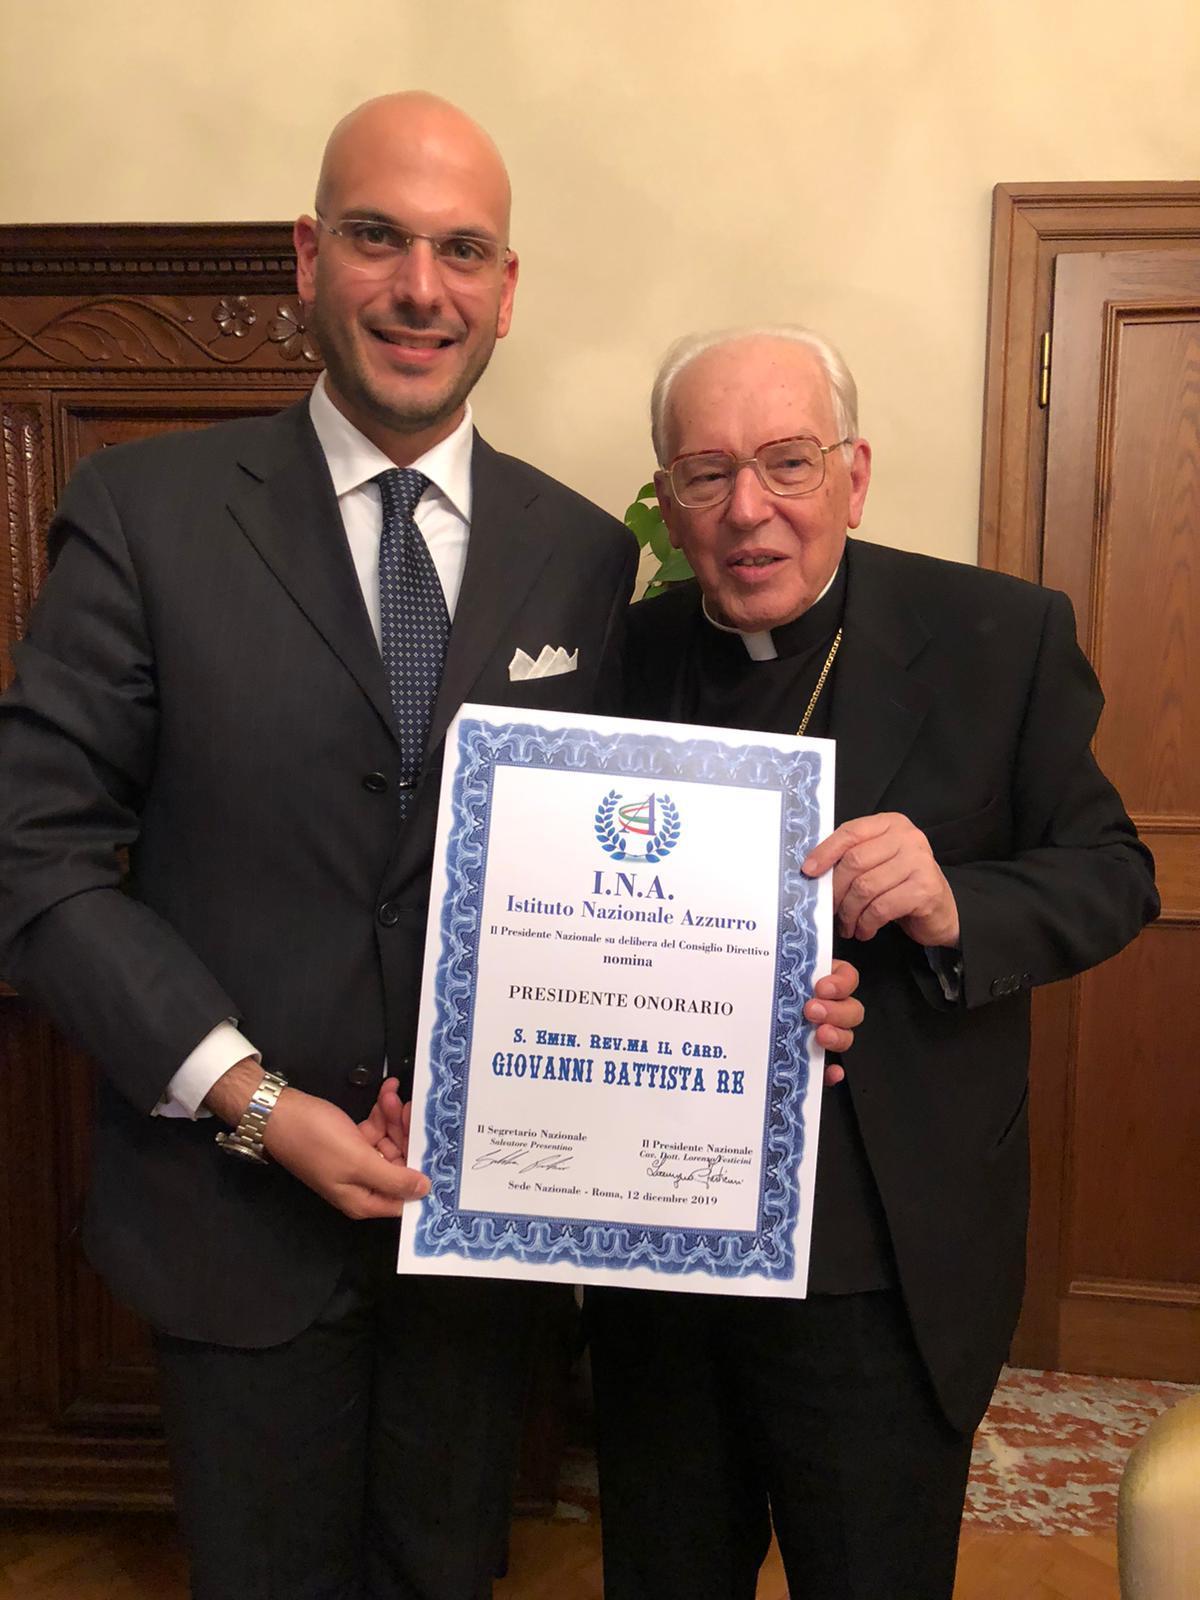 Presidente Onorario e Patrono – Istituto Nazionale Azzurro